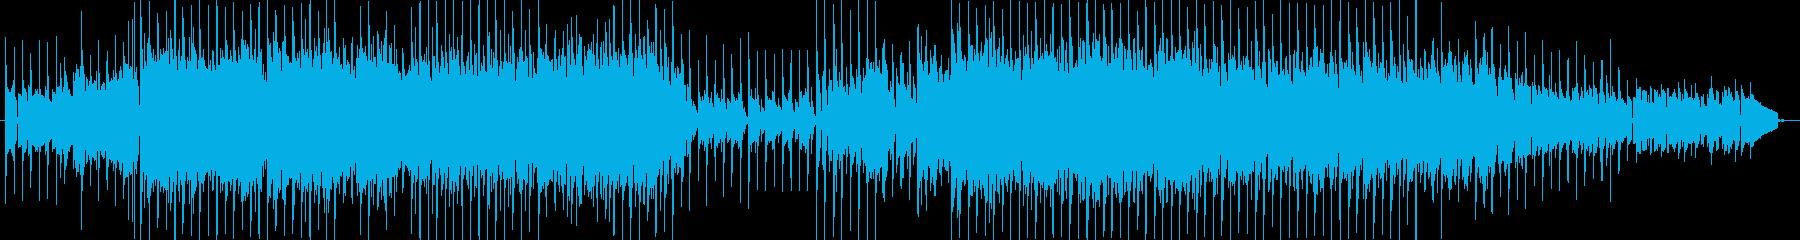 テクノっぽいの再生済みの波形